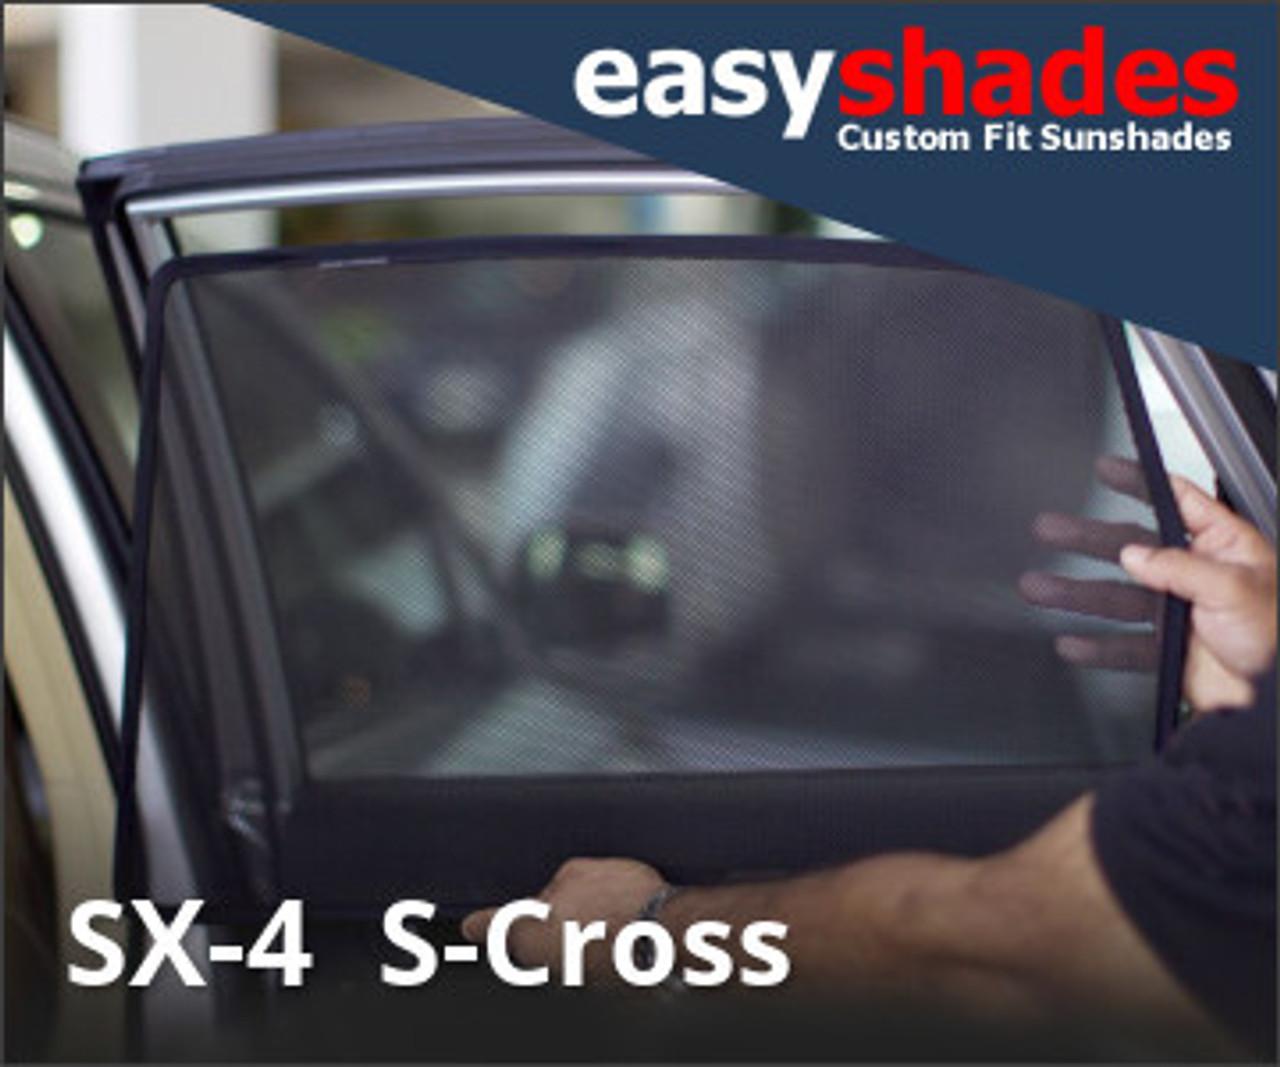 SX-4 S-Cross